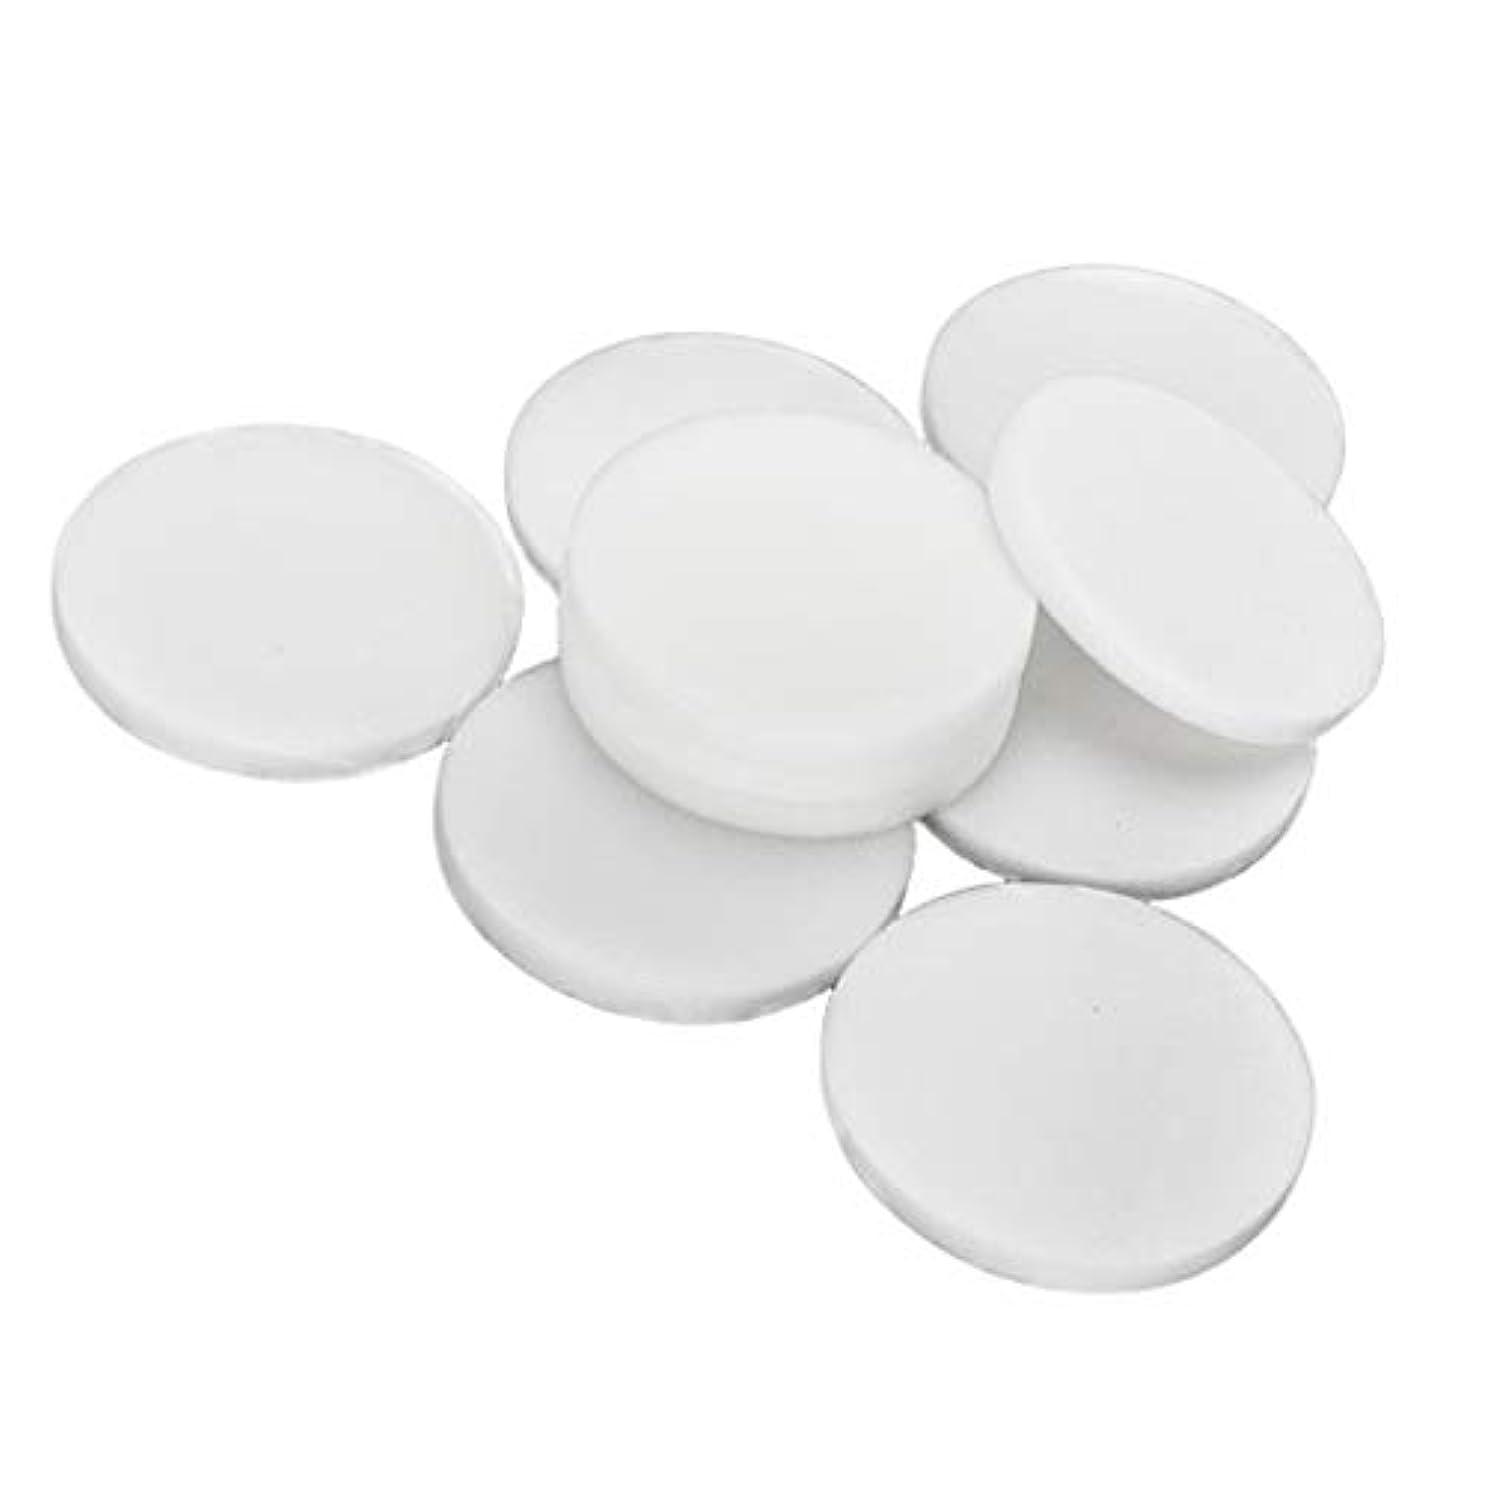 ビーム主張する虫Perfeclan 約10個 洗顔スポンジ 洗顔パフ メイクアップパフ フェイシャルスポンジ 全2サイズ - 大